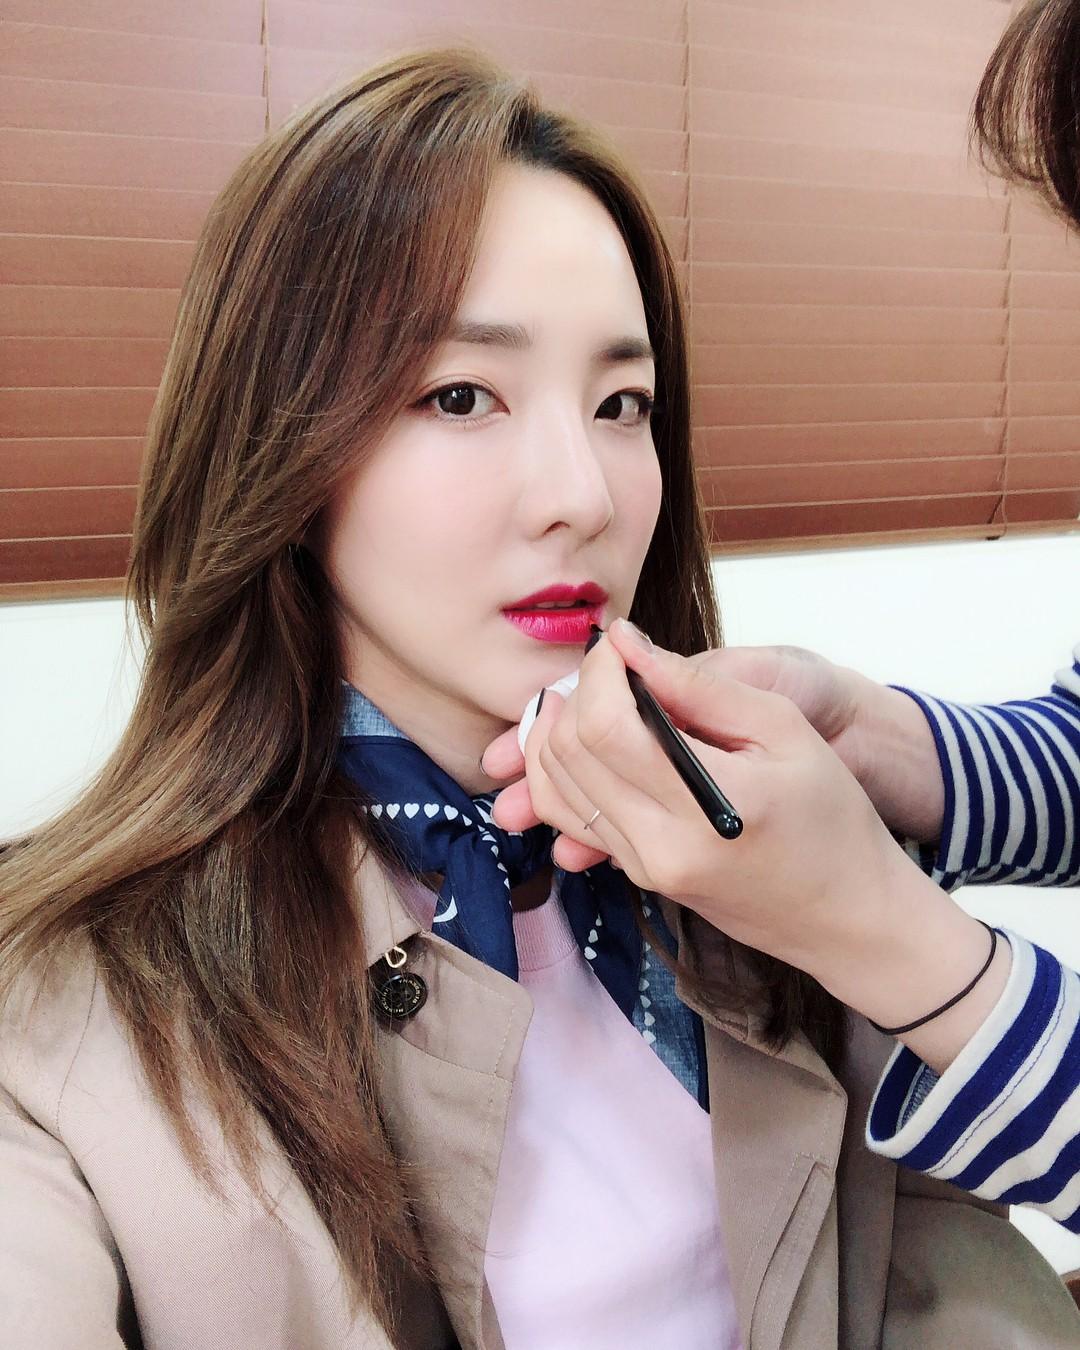 Không ngờ người đẹp không tuổi Dara U40 lại có cách níu giữ tuổi xuân đơn giản đến vậy - Ảnh 6.